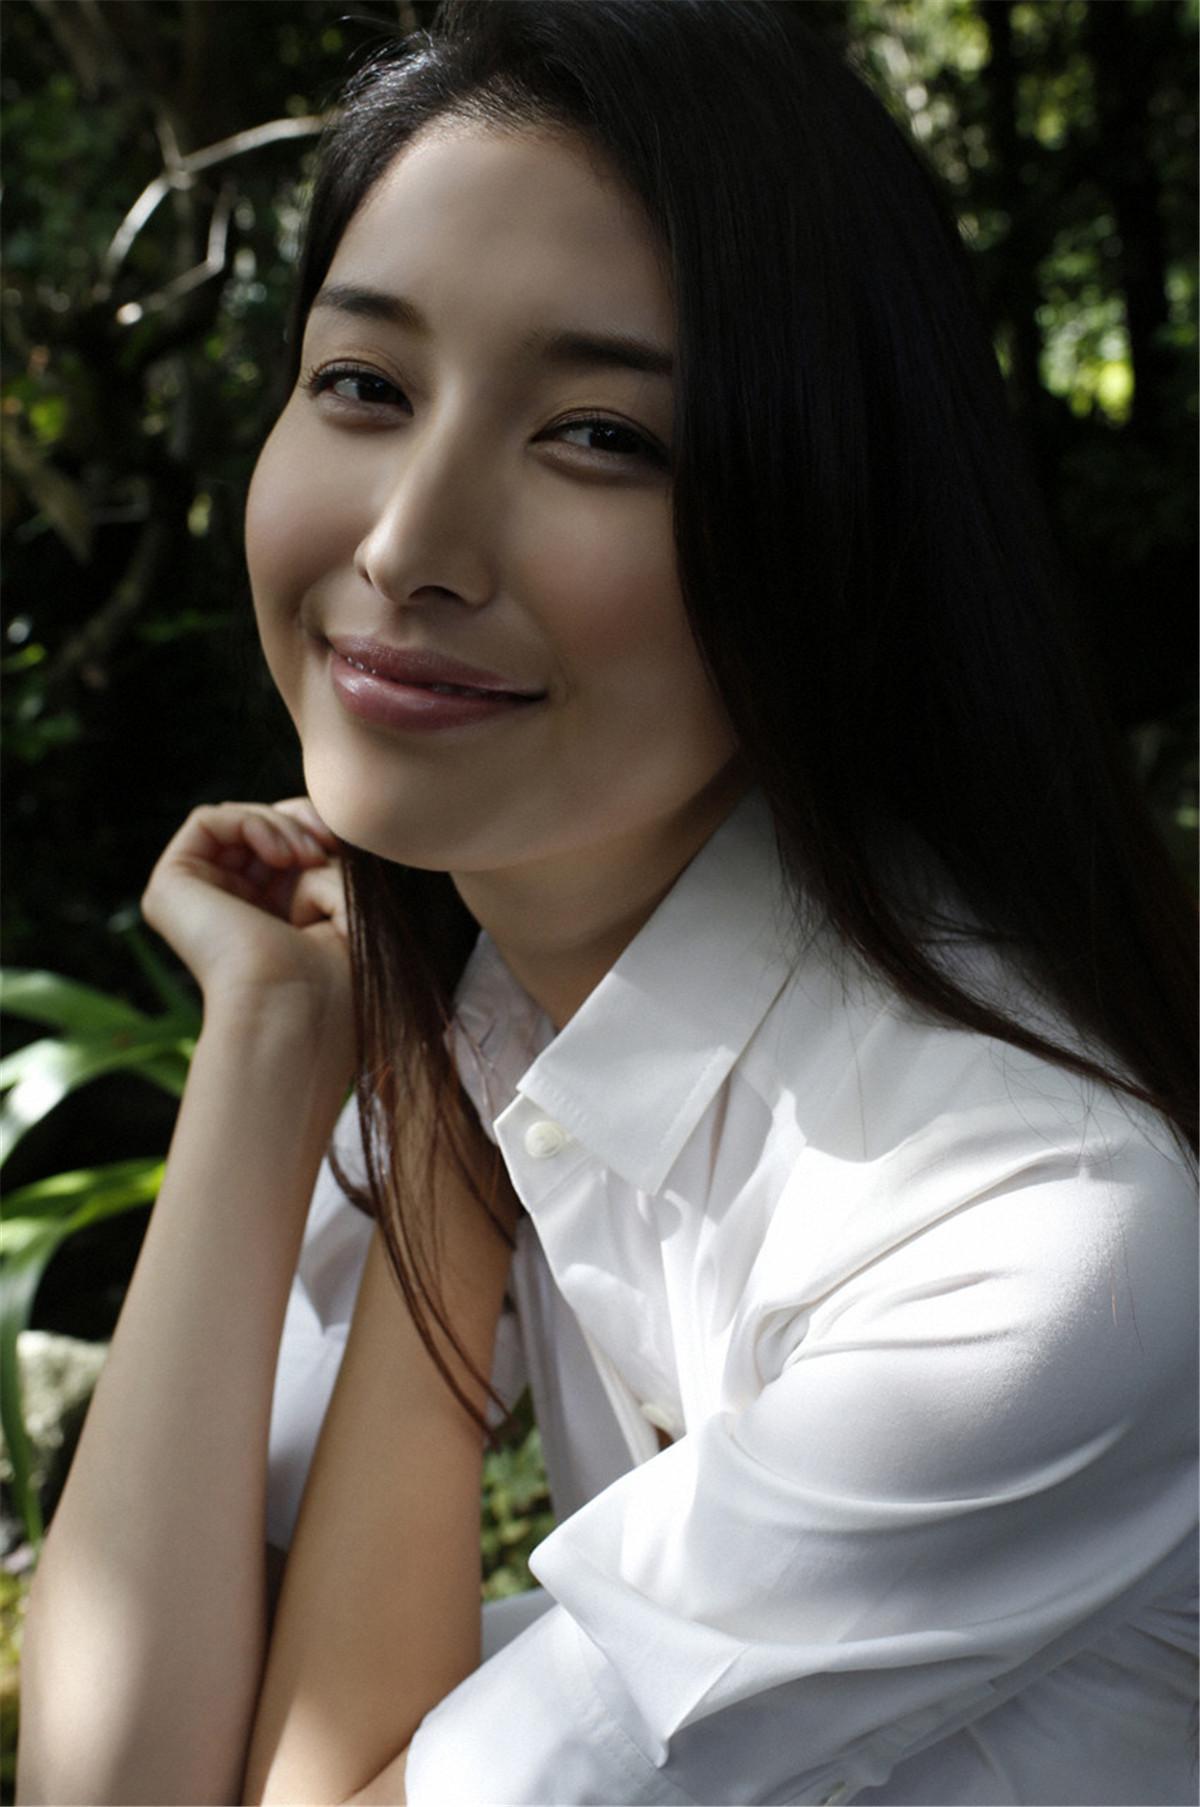 日本女星写真 桥本爱实 写真杂志作品合集[10套][1549P][5.8G]插图1